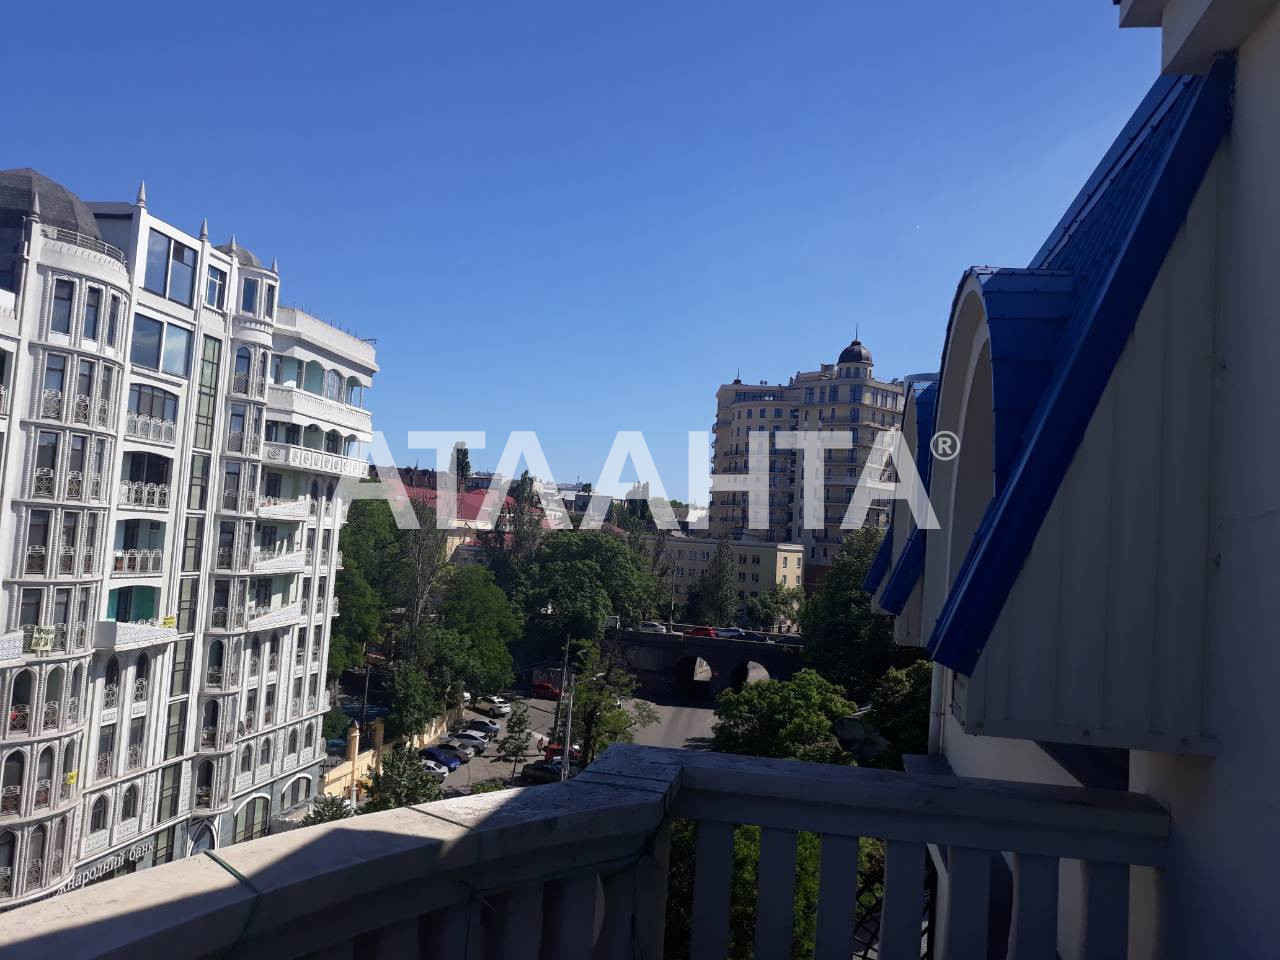 Продается 1-комнатная Квартира на ул. Военный Сп. (Жанны Лябурб Сп.) — 187 000 у.е. (фото №3)